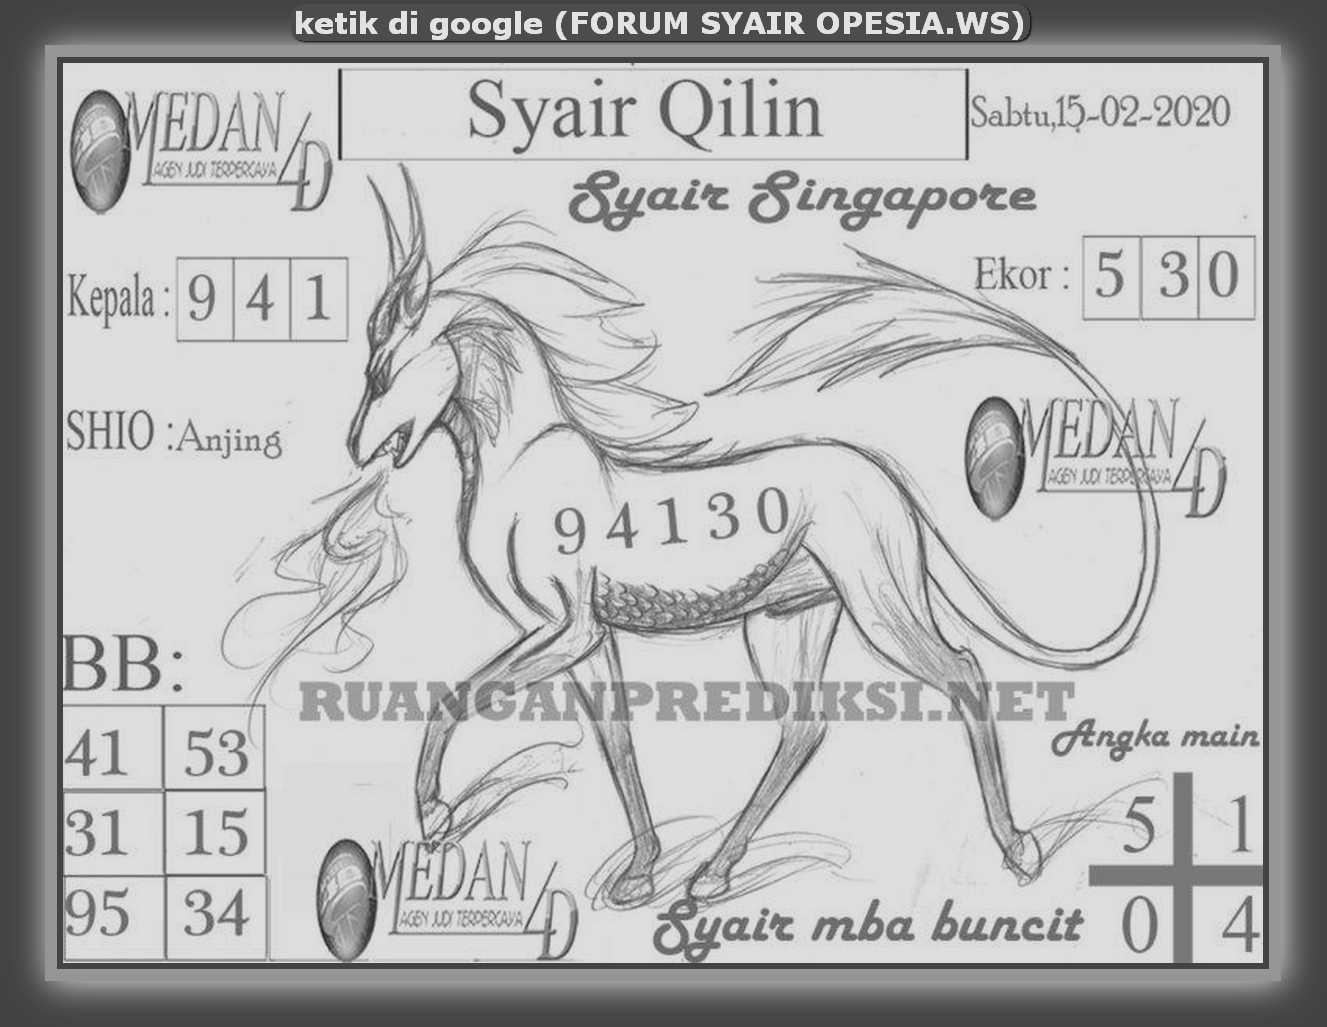 Kode syair Singapore Sabtu 15 Februari 2020 129